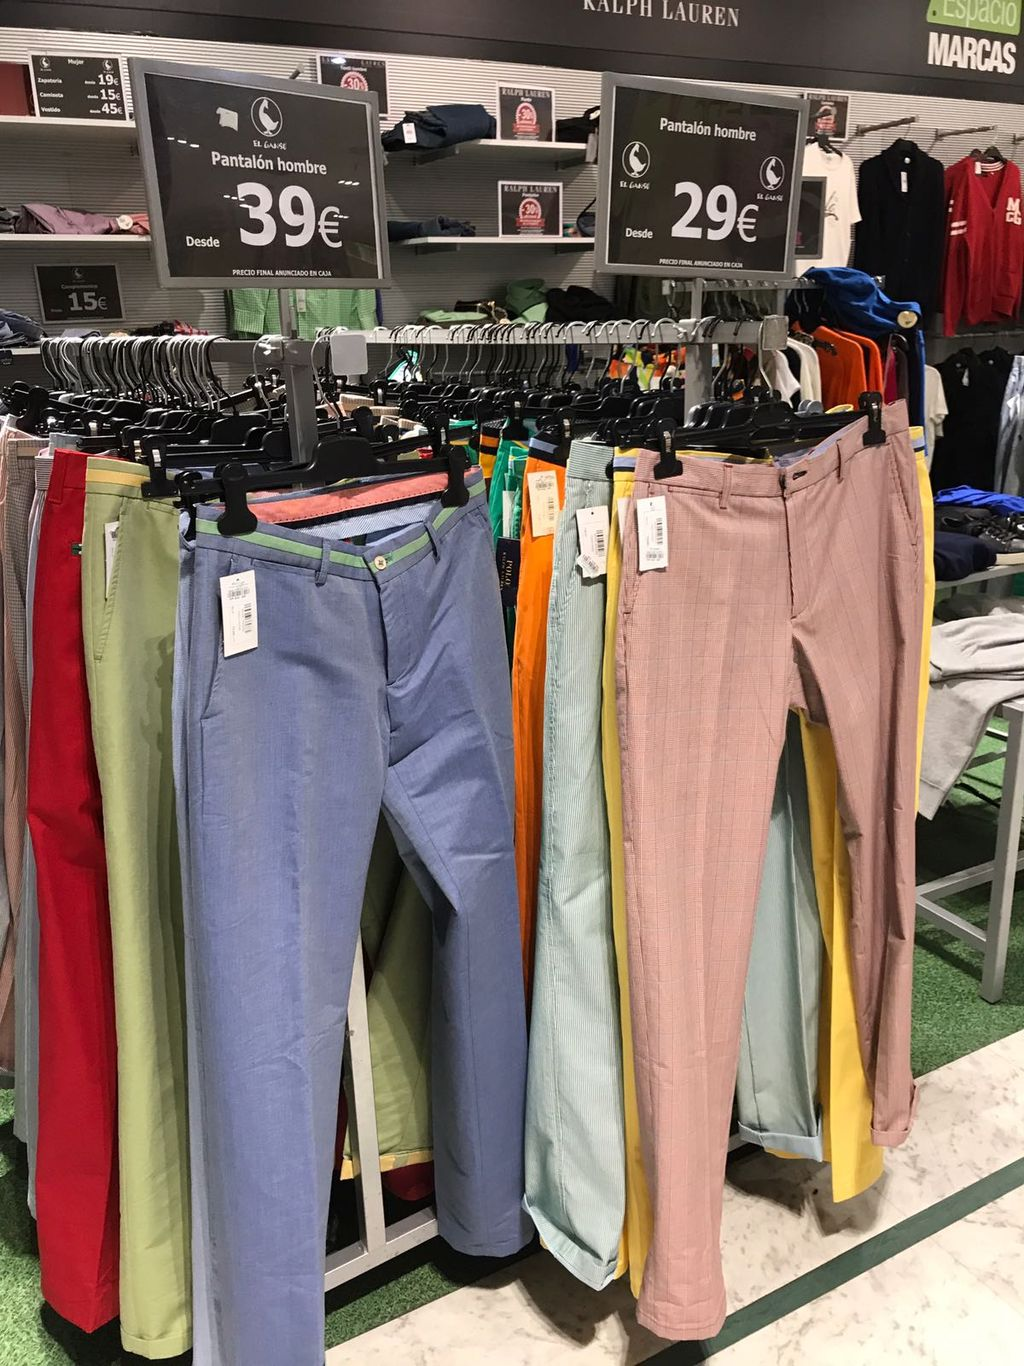 987d97e6fb1 Una oportunidad así de pantalones de mujer y caballero a 29 y 39 euros no  se puede dejar escapar.